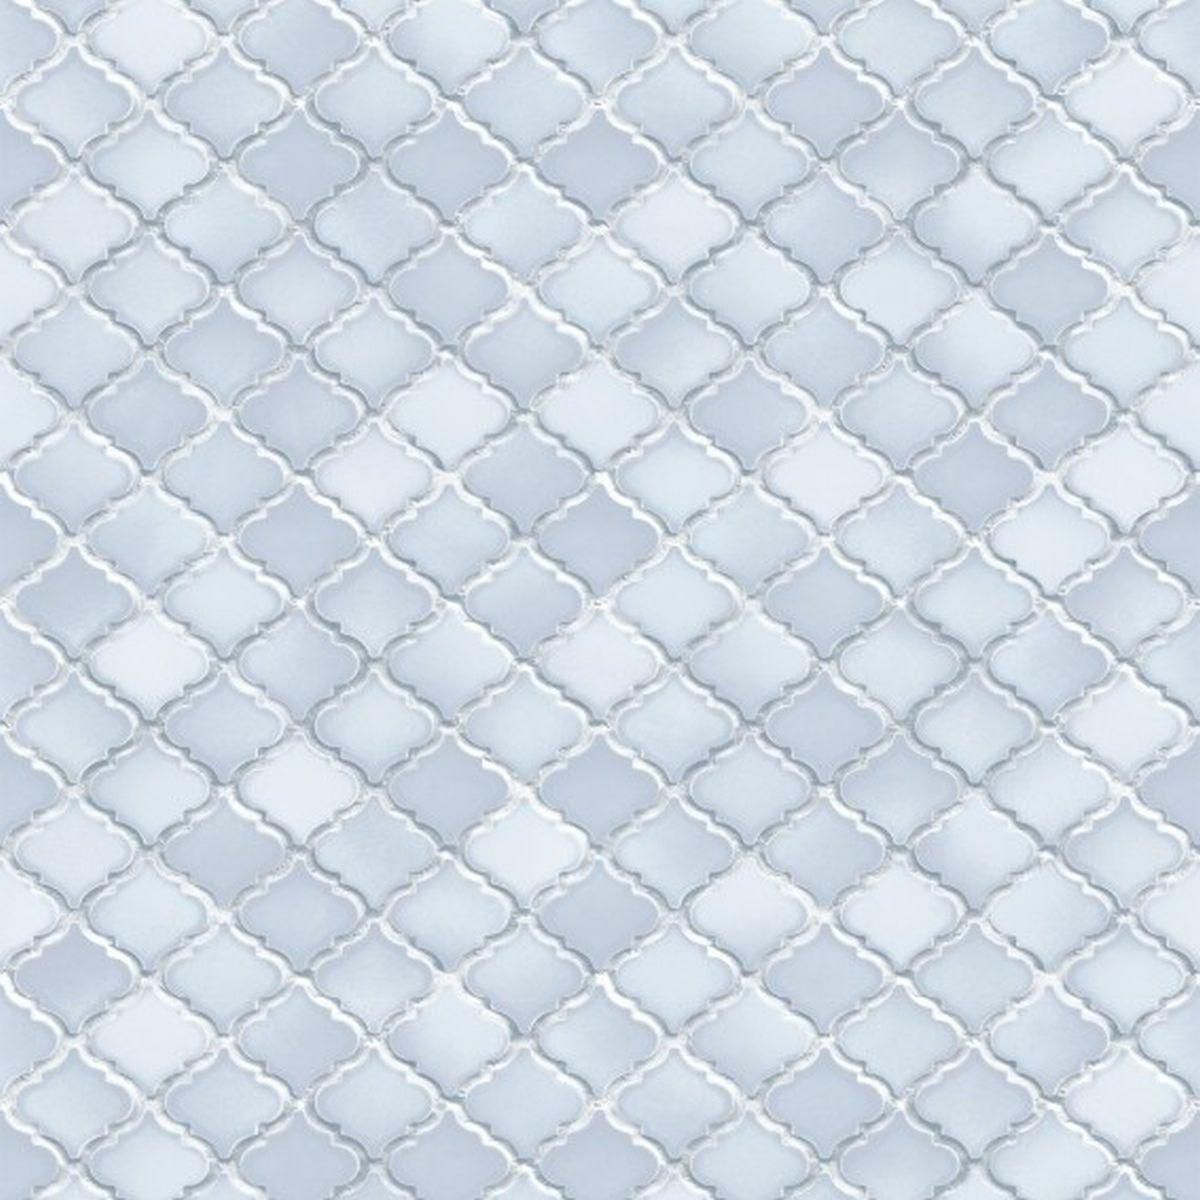 DesignID Vliestapete Qualitätsvolle Tapete NF232084 Blau 3D Tapete günstig online kaufen